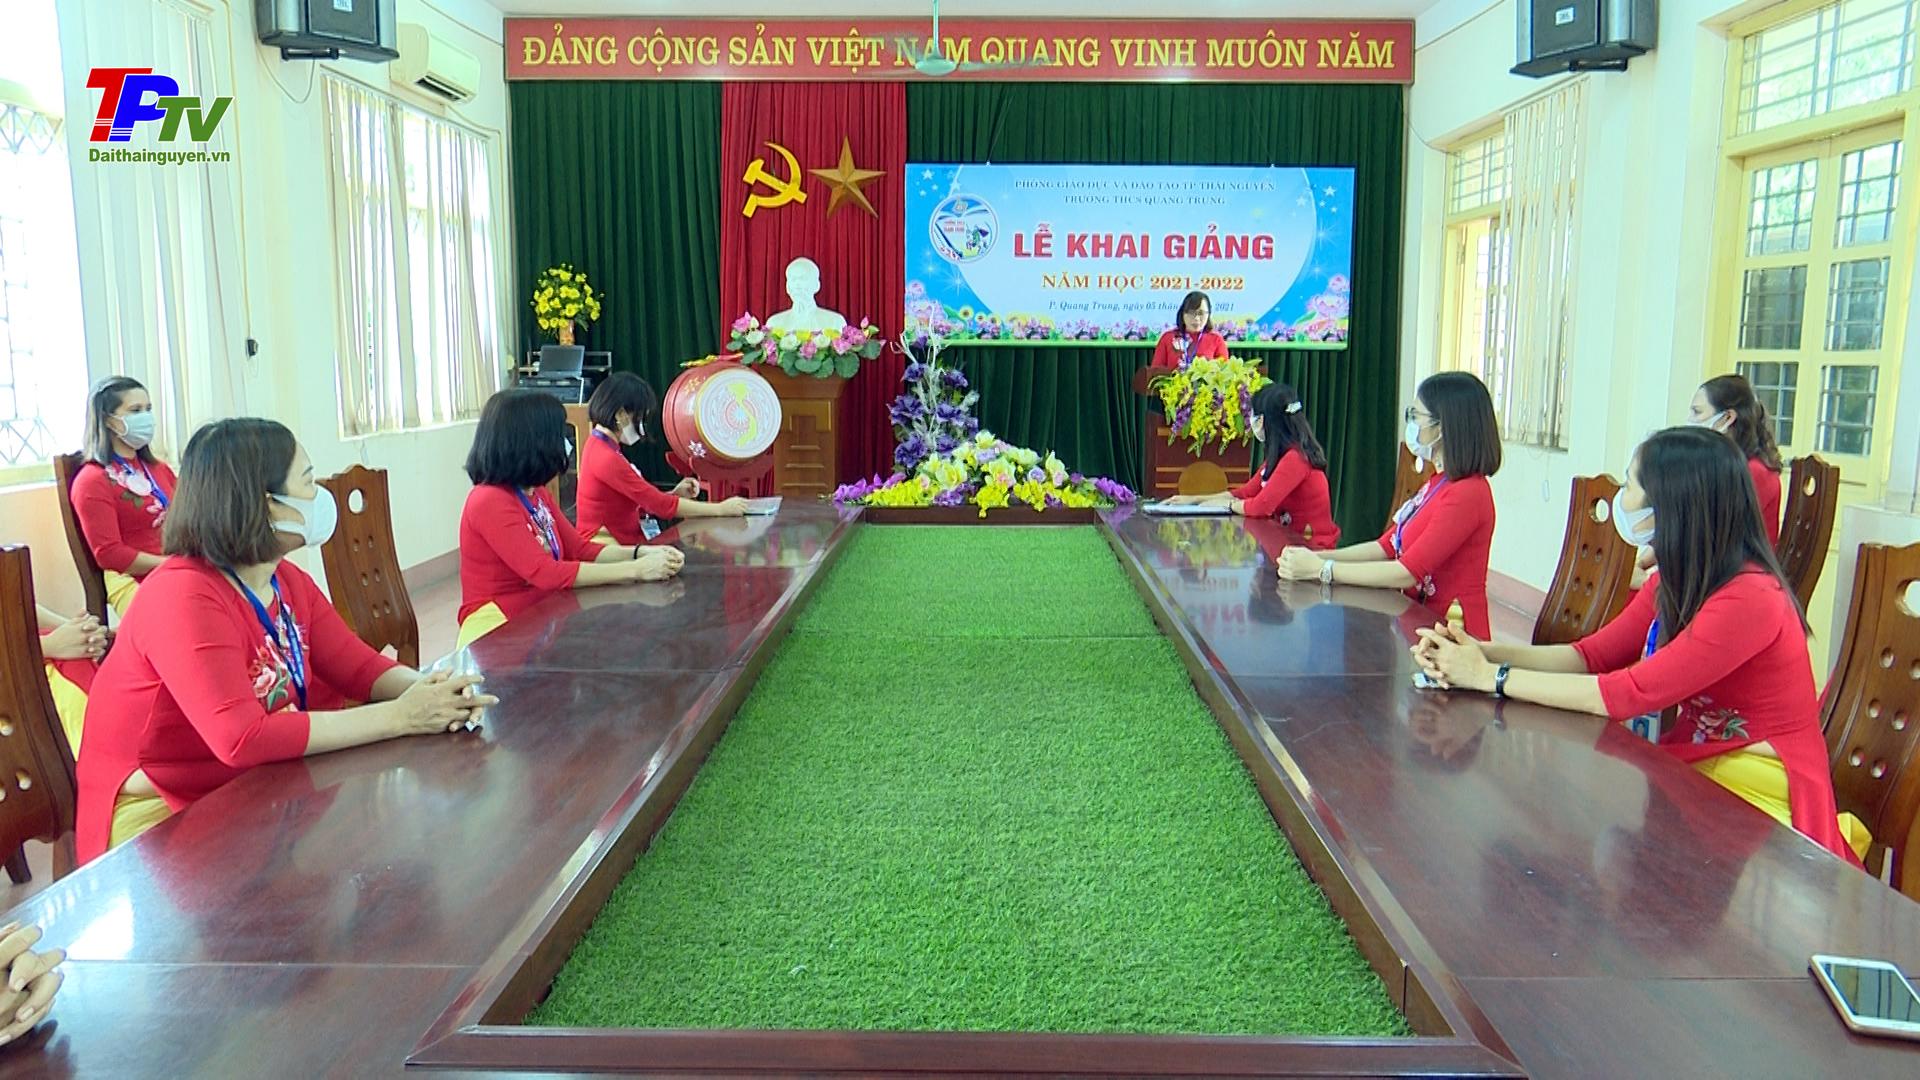 Thành phố Thái Nguyên: Các trường học tổ chức Lễ khai giảng năm học mới theo đúng kế hoạch.